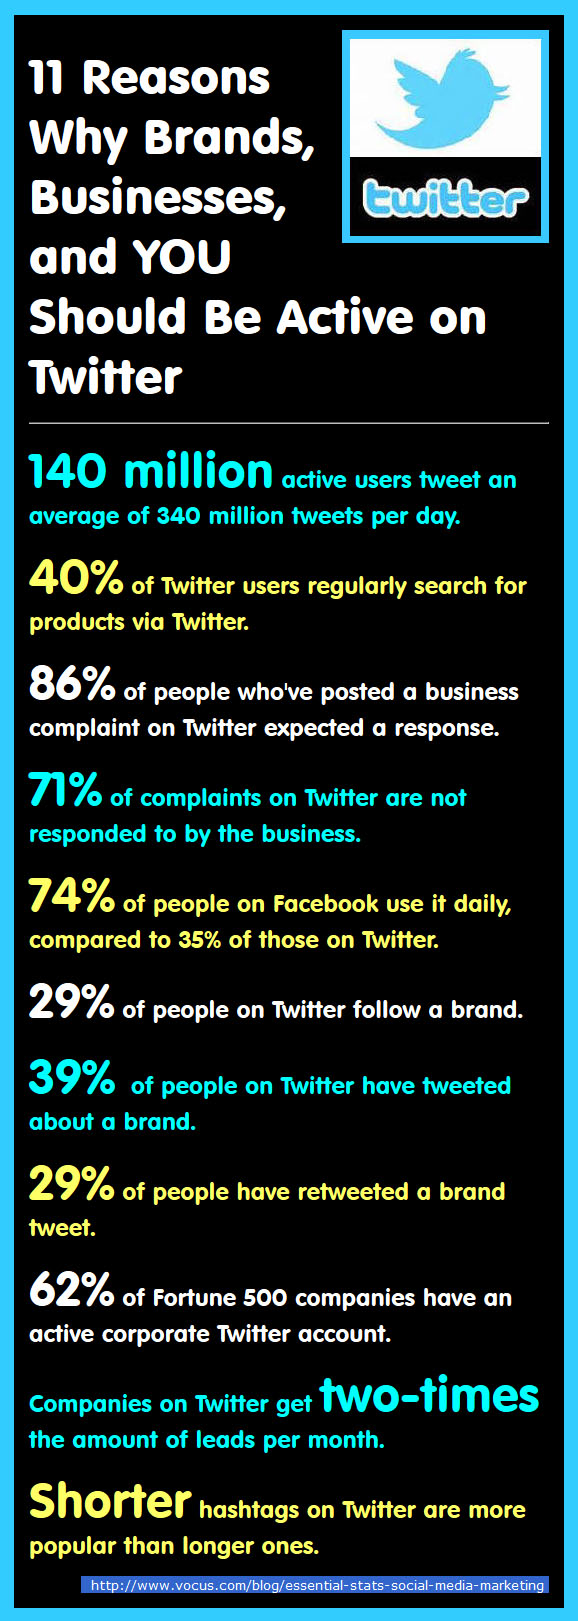 11 Twitter Reasons